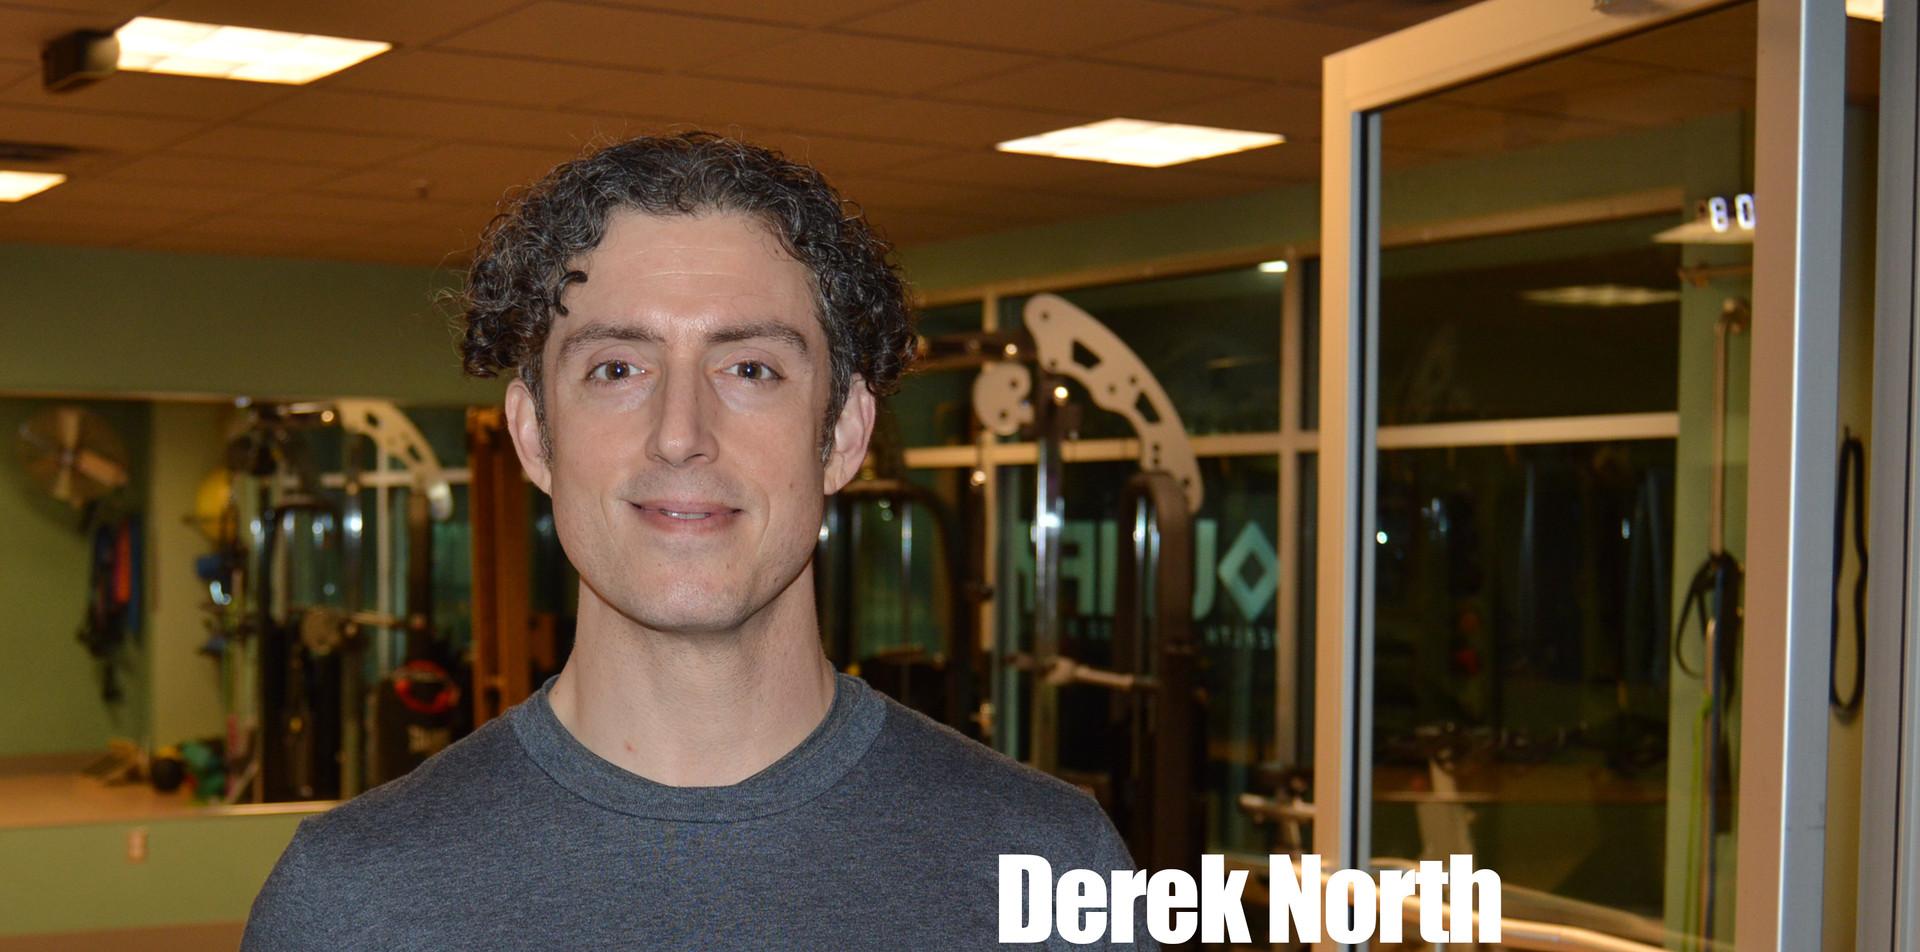 Derek North.jpg